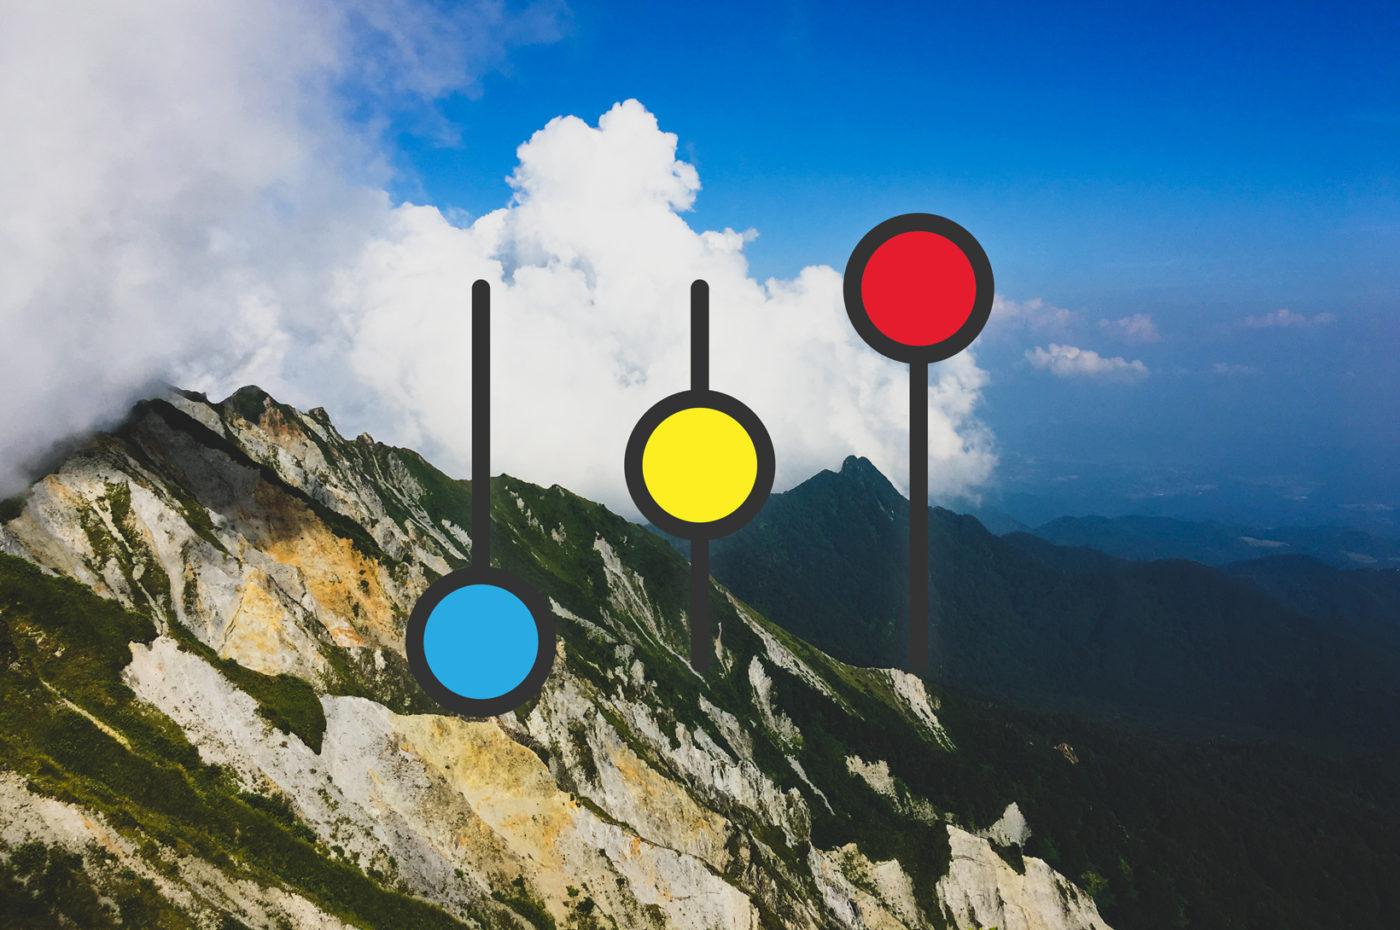 ホームページ制作のSEO・デザイン・内容と構成を考える 写真は鳥取の大山頂上からの風景